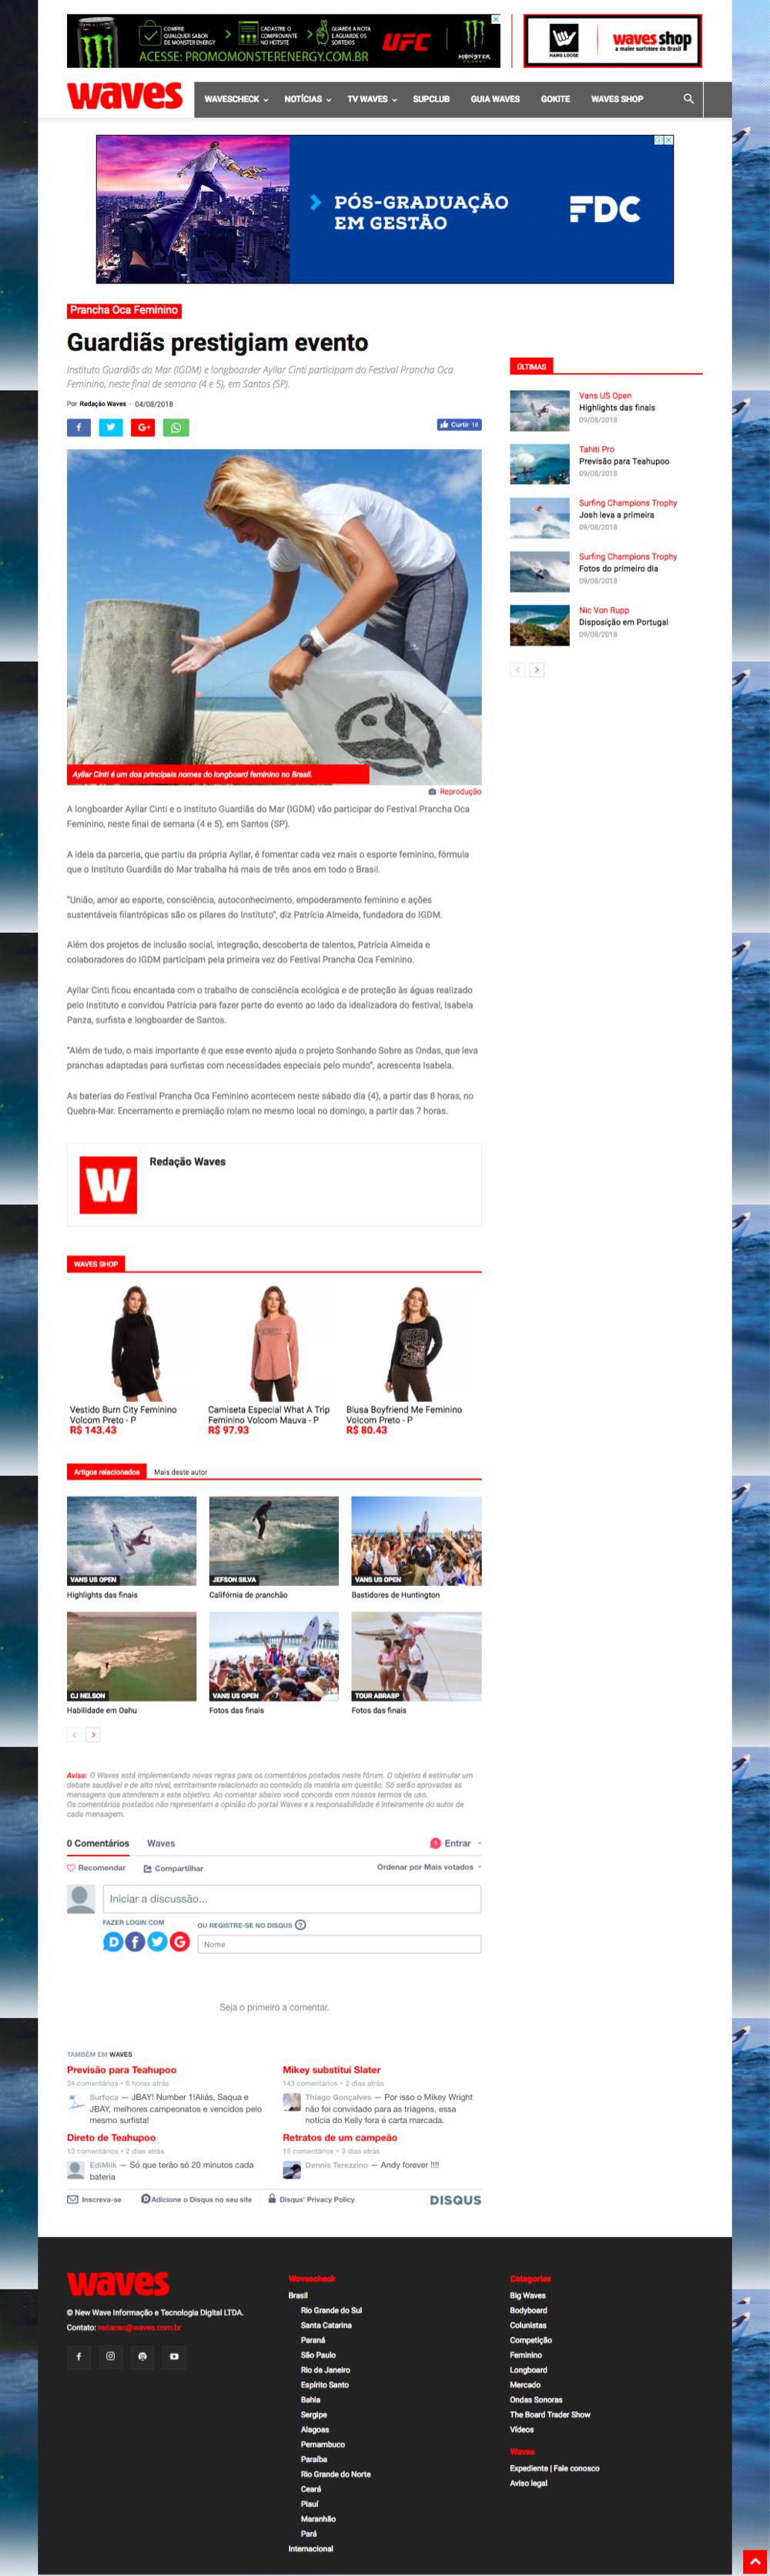 guRDIAS-DO-MAR-AGUAS-waves-br-noticias-long-novidade-long-guardias-prestigiam-evento-2018-08-09-21_14_45.png